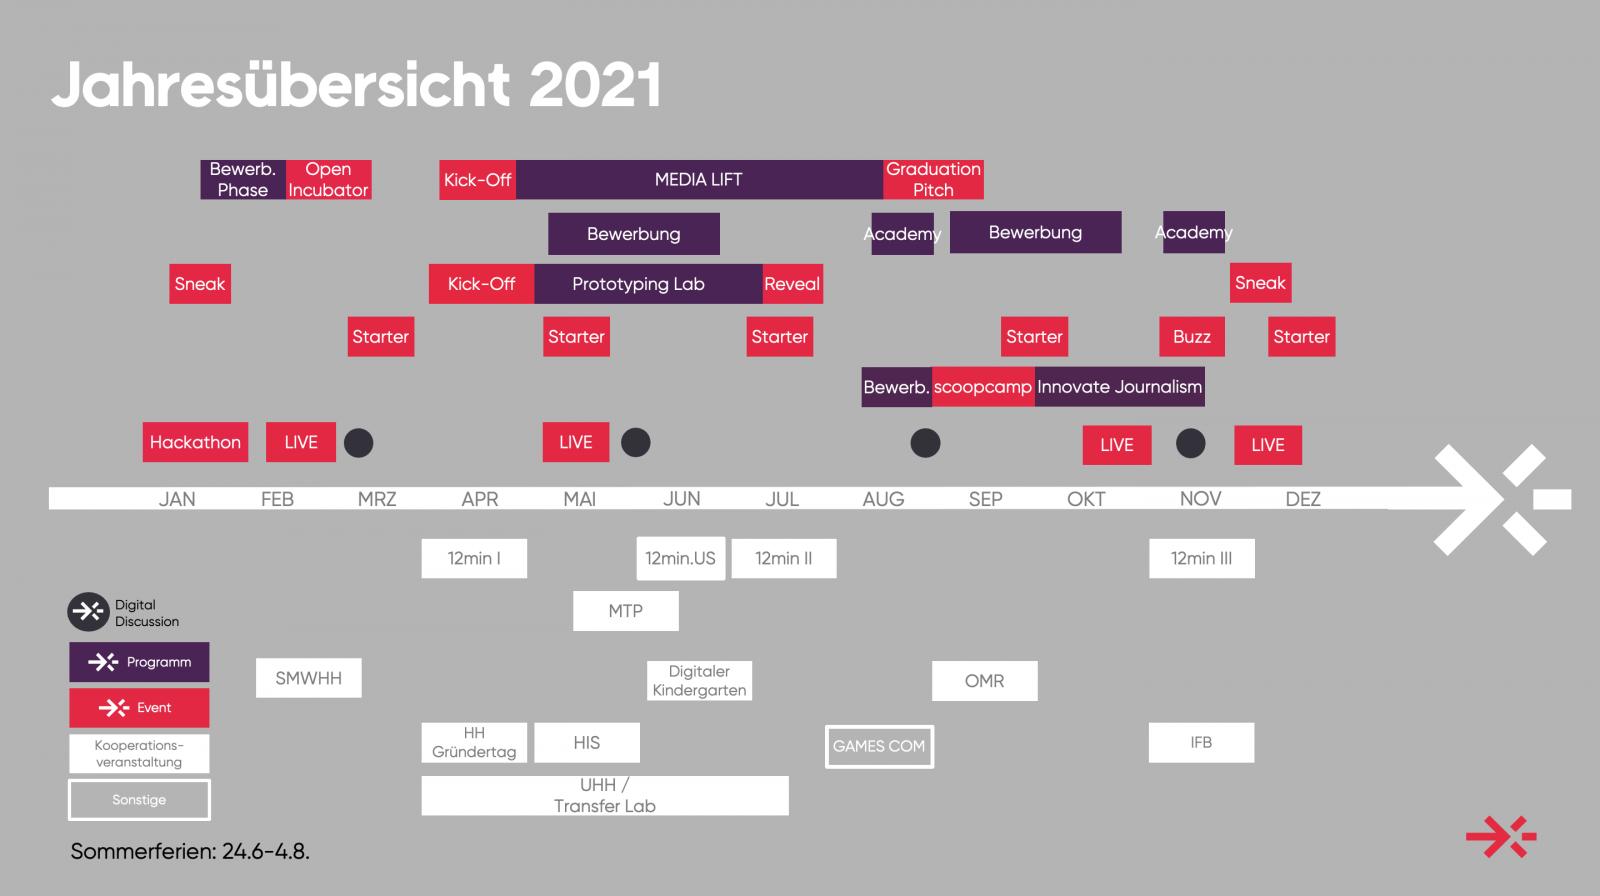 Bildschirmfoto 2020-12-31 um 12.53.30